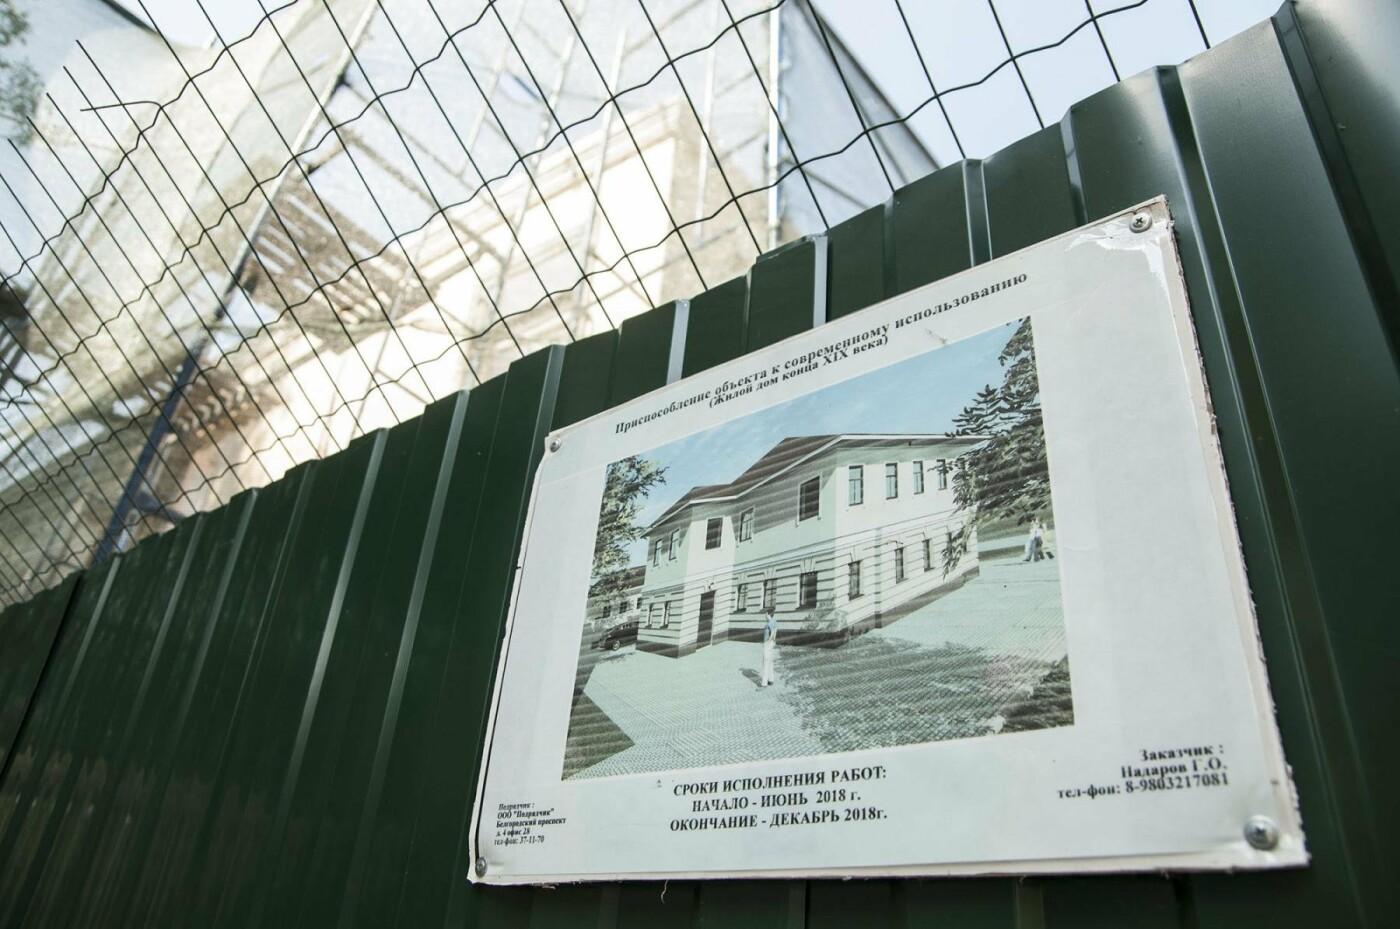 В Белгороде начался капитальный ремонт дома Шашурина на Князя Трубецкого, фото-1